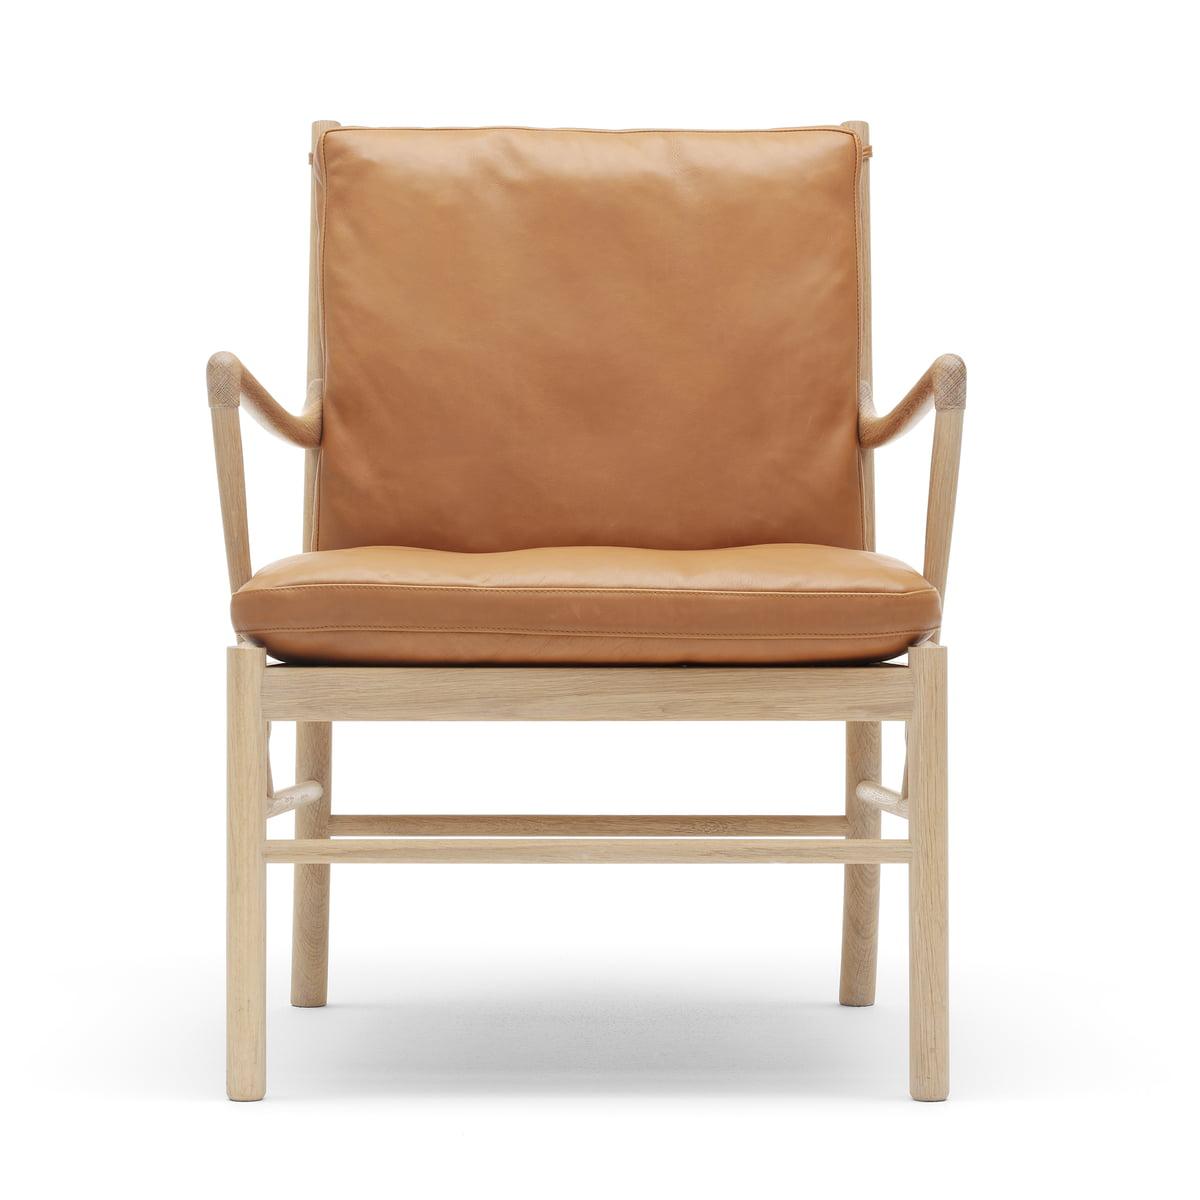 Ow149 Colonial Chair Von Carl Hansen Im Shop